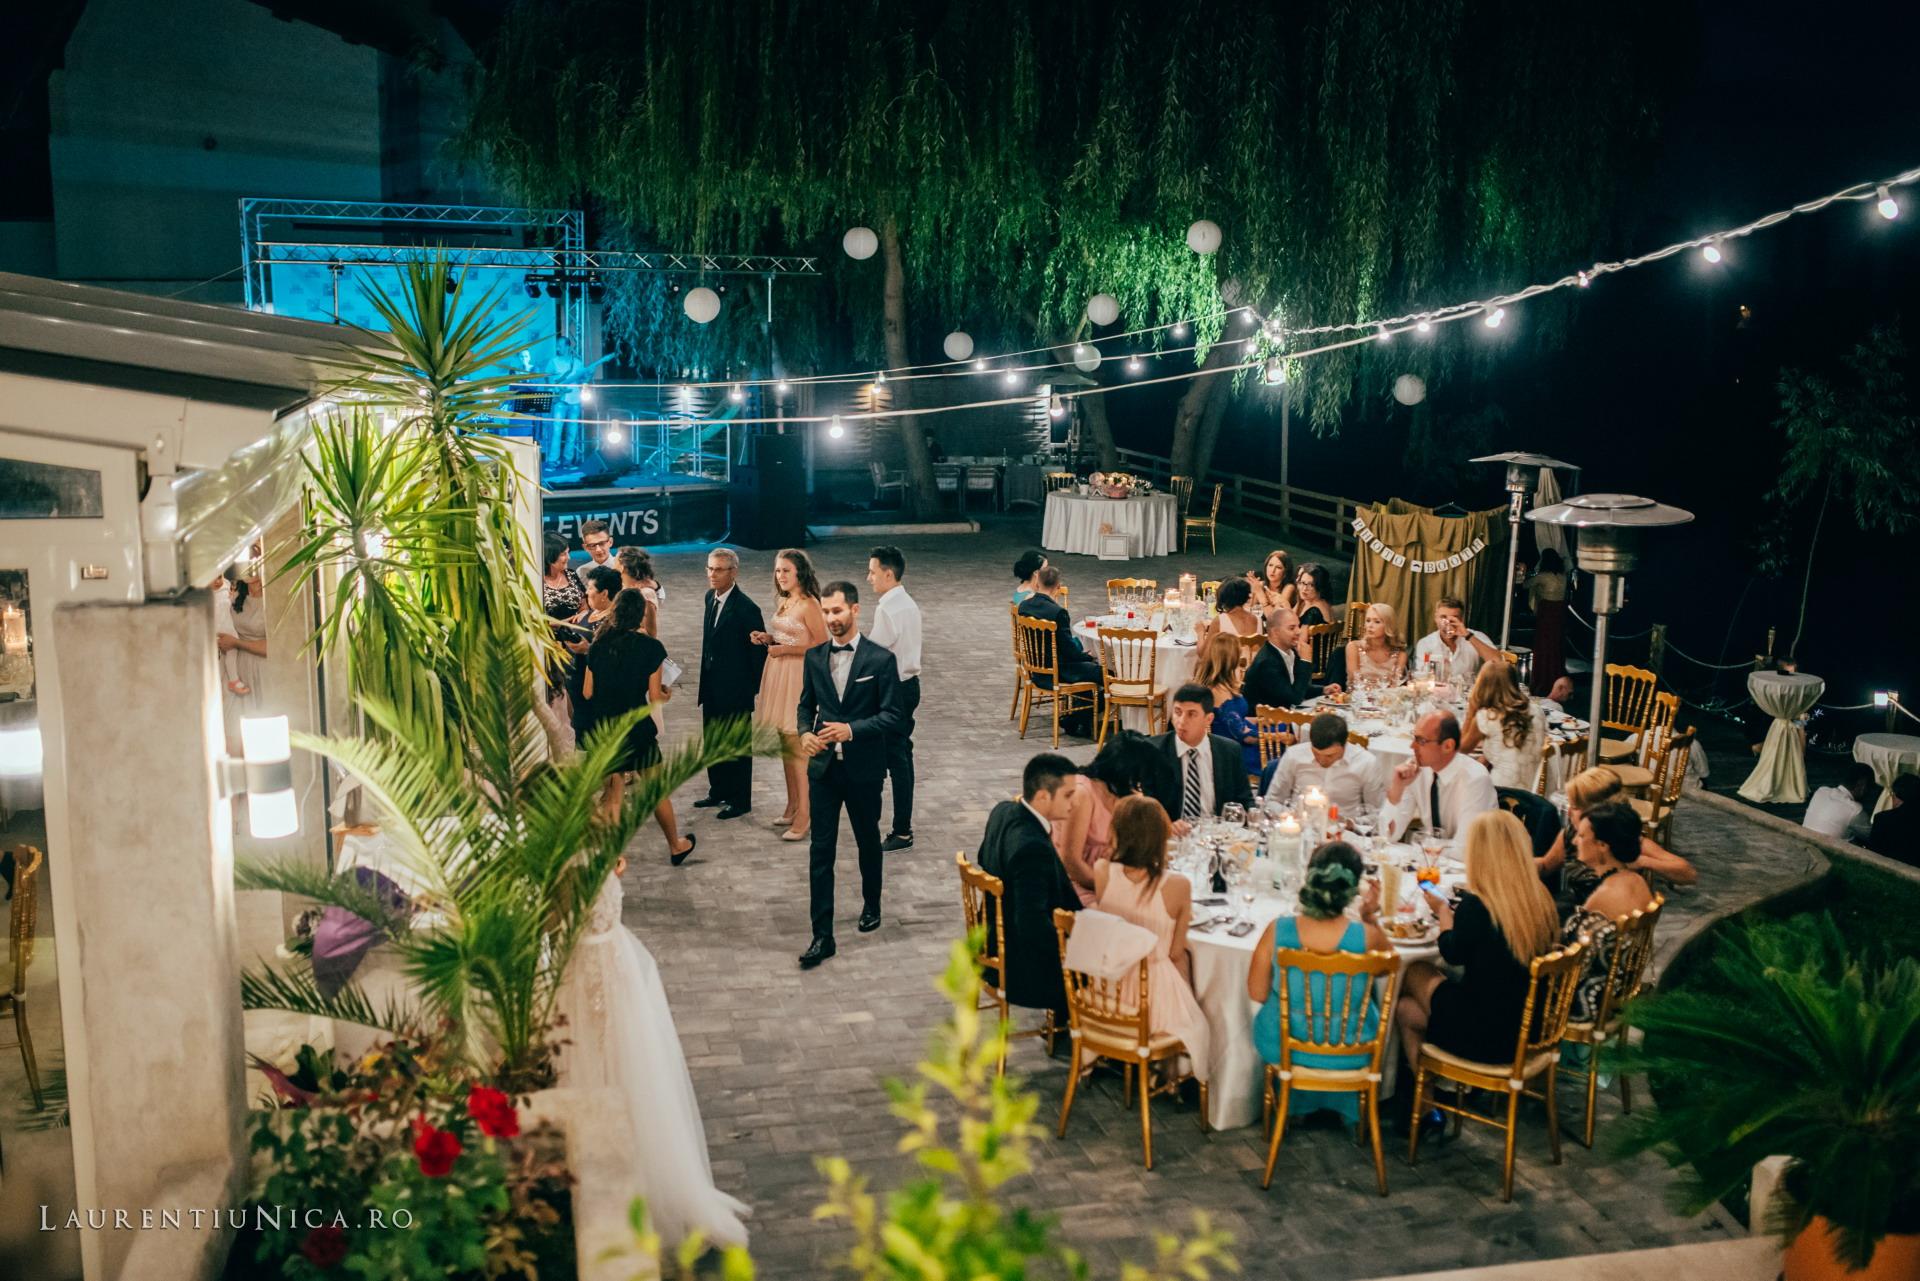 carolina si sorin craiova fotograf nunta laurentiu nica58 - Carolina & Sorin | Fotografii nunta